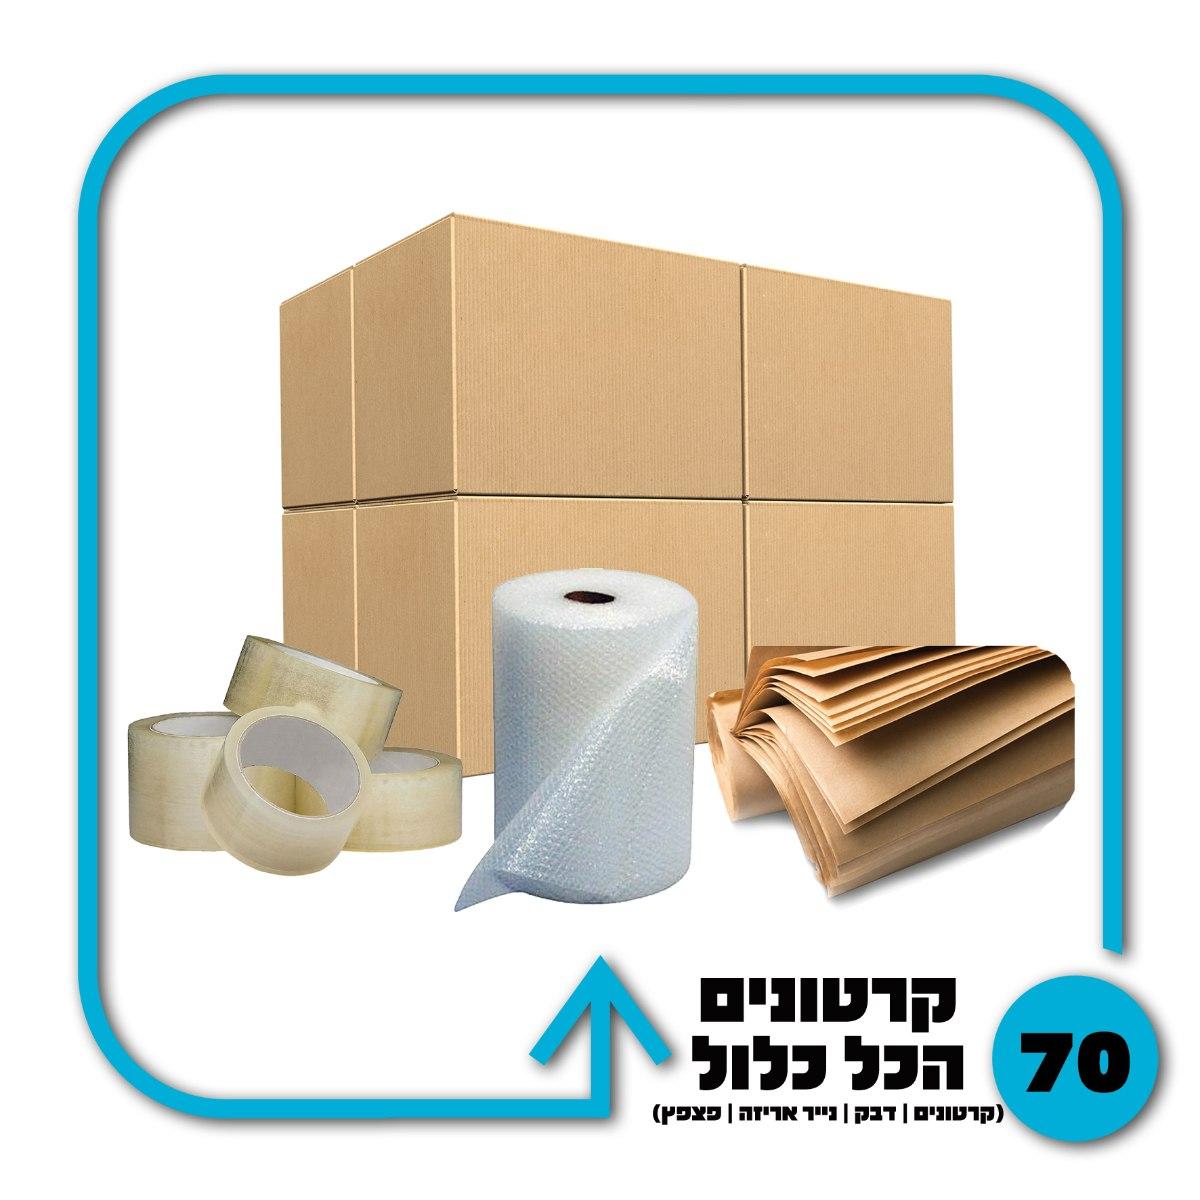 חבילת חומרי אריזה + 70 קרטונים - 4.5 חדרים